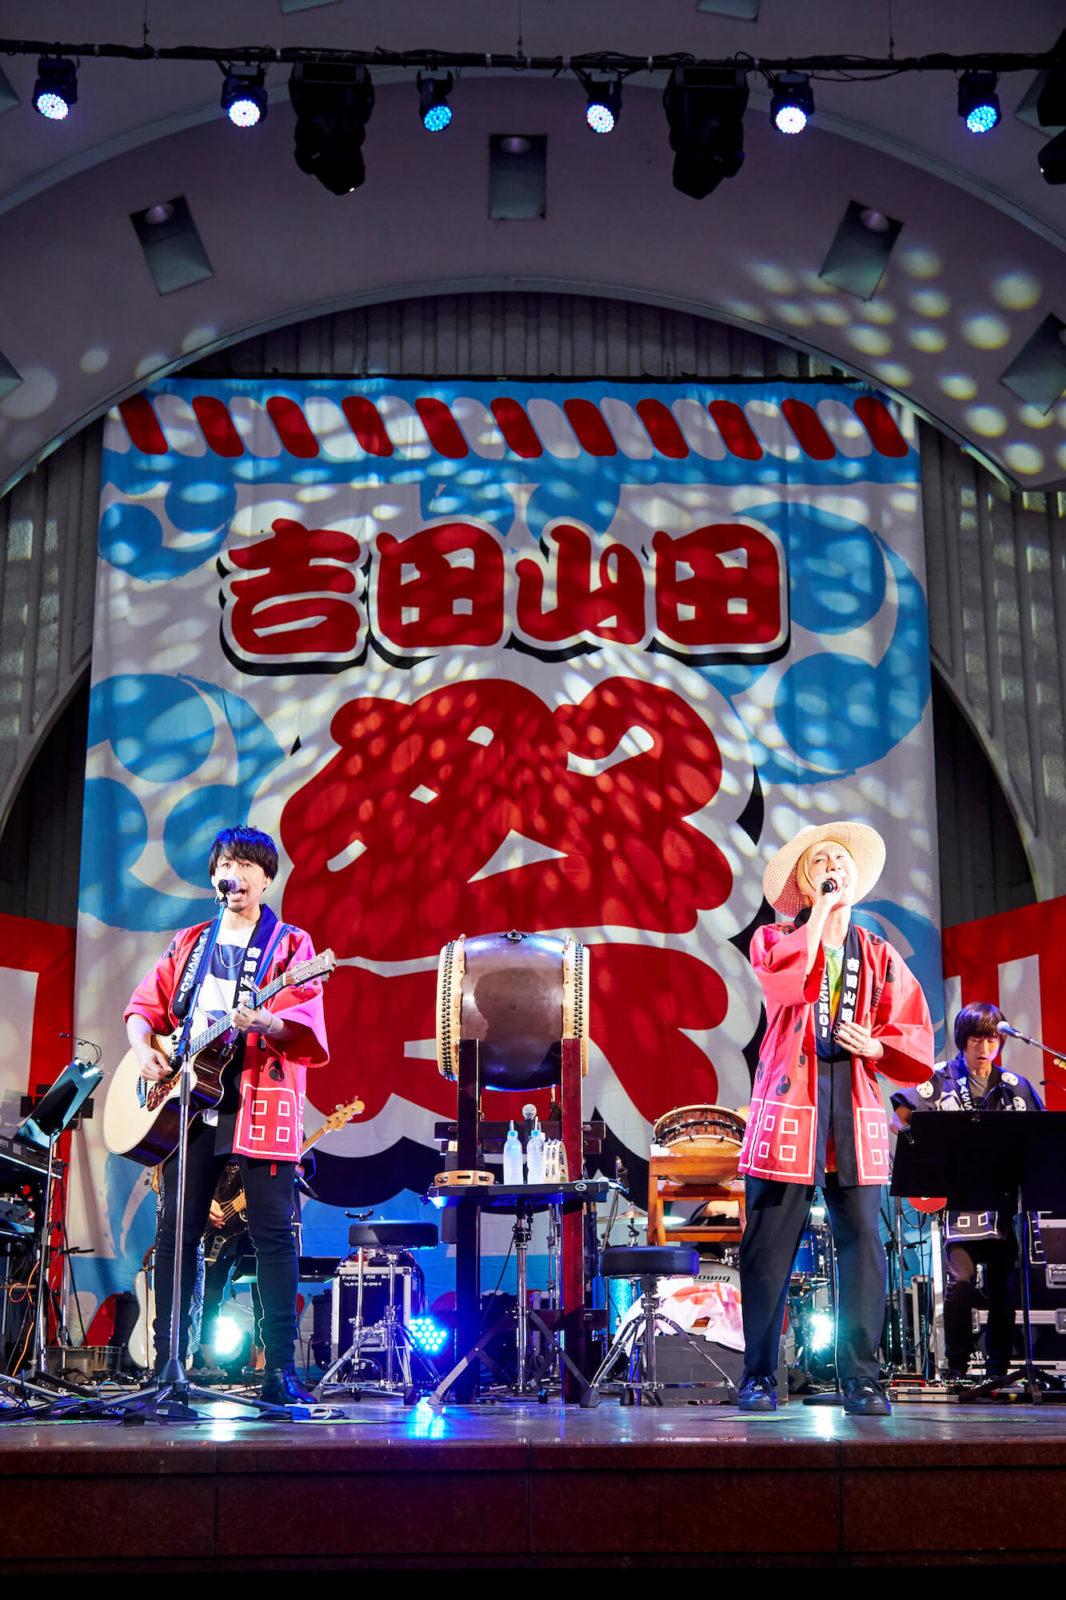 吉田山田、 今年も「吉田山田祭り2018」が大盛況、更にBAND SETツアーの開催も発表サムネイル画像